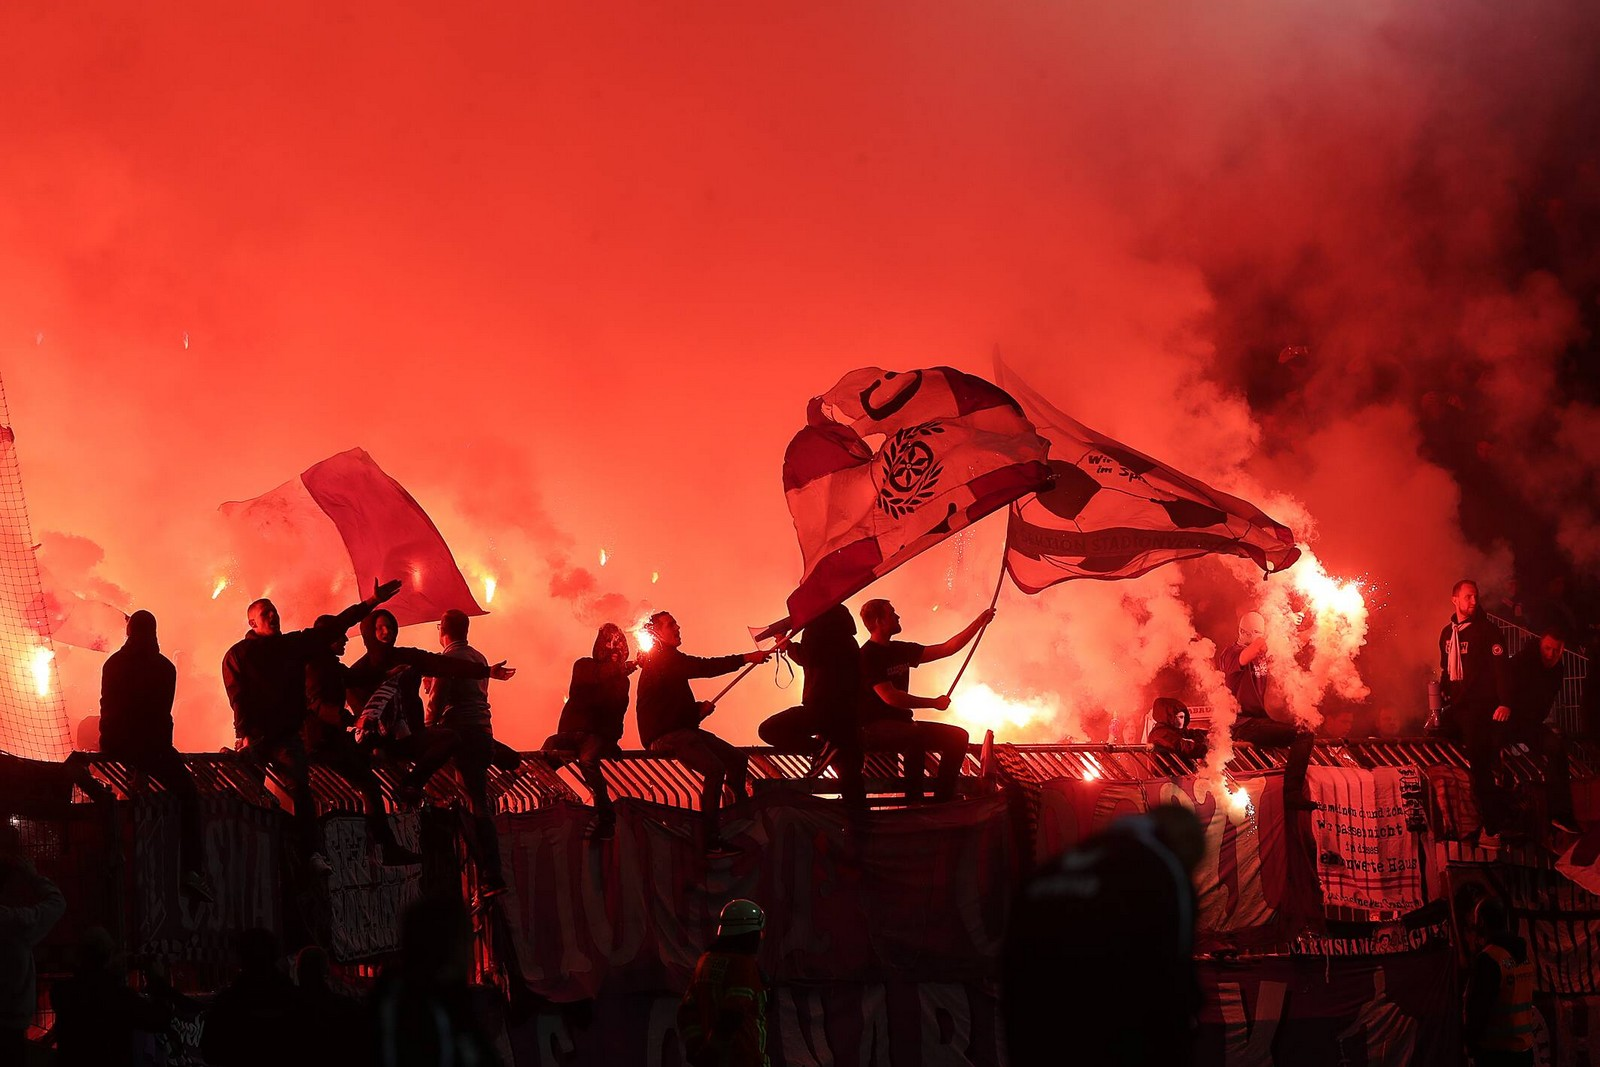 Der DFB bittet den VfL Osnabrück für das Verhalten seiner Anhänger zur Kasse.